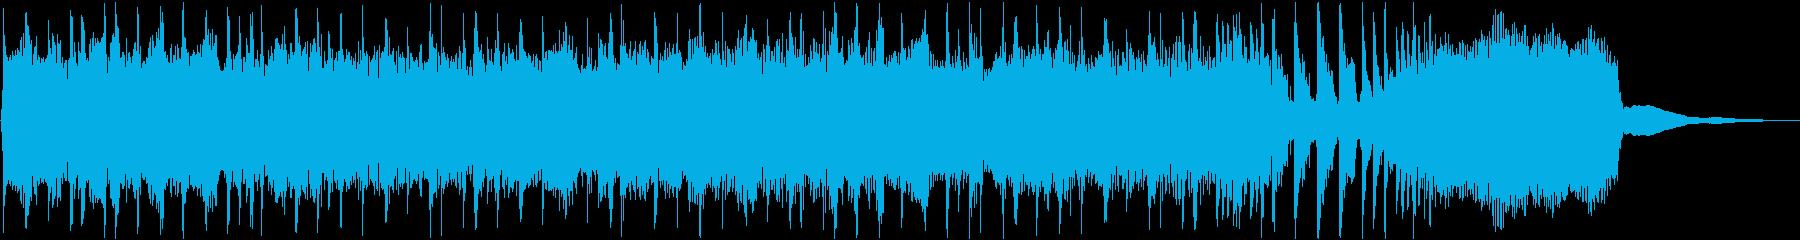 次回予告/エンディング/壮大/ギターの再生済みの波形